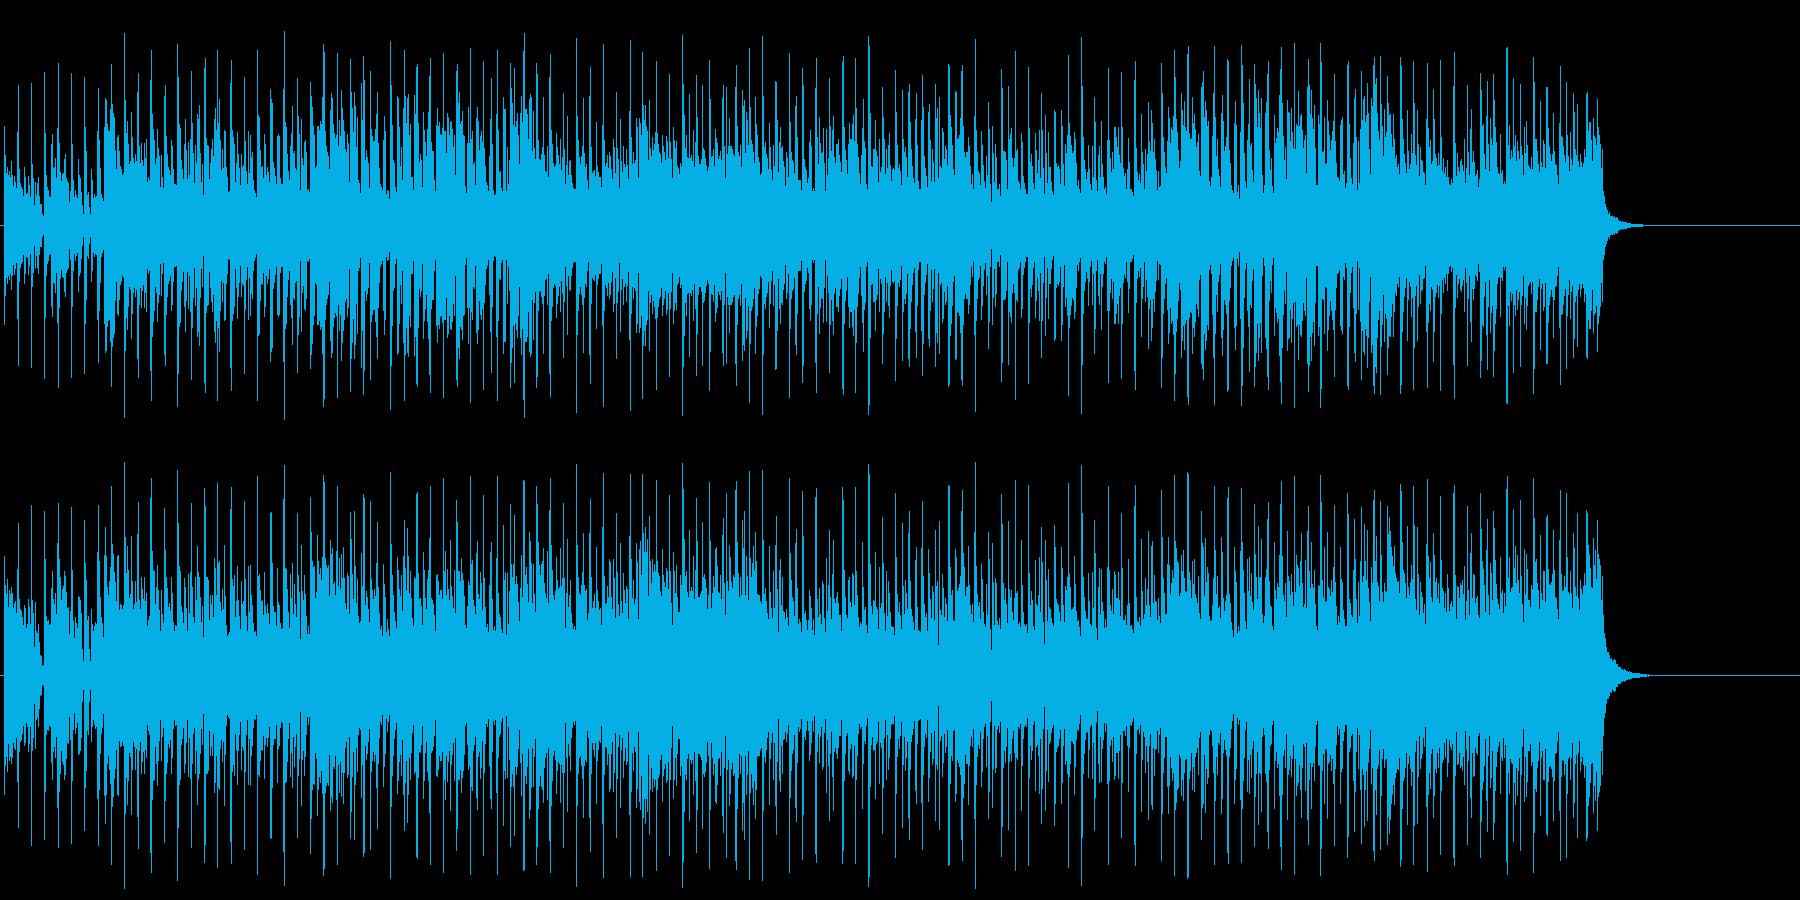 ファンキーで勢いのあるポップ/テクノ/の再生済みの波形